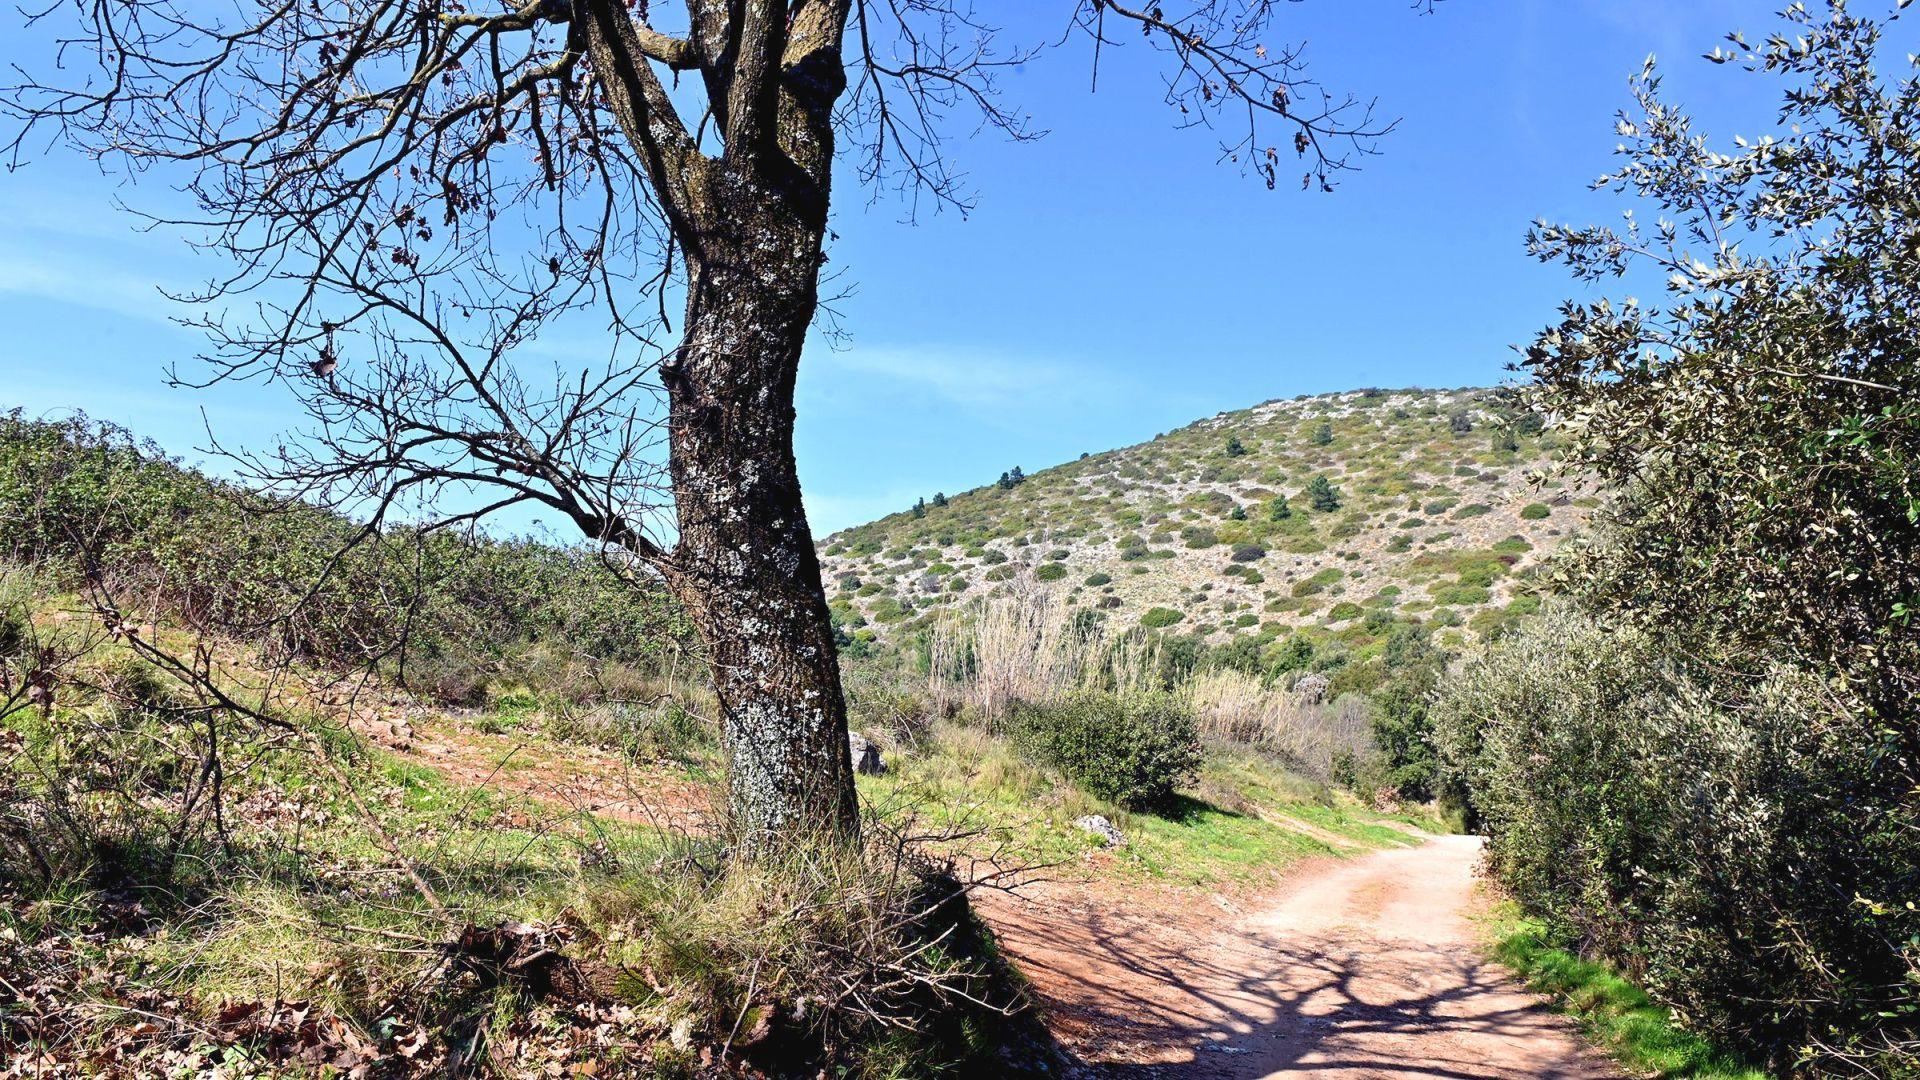 Sentiero sul monte pisano al passo di dante